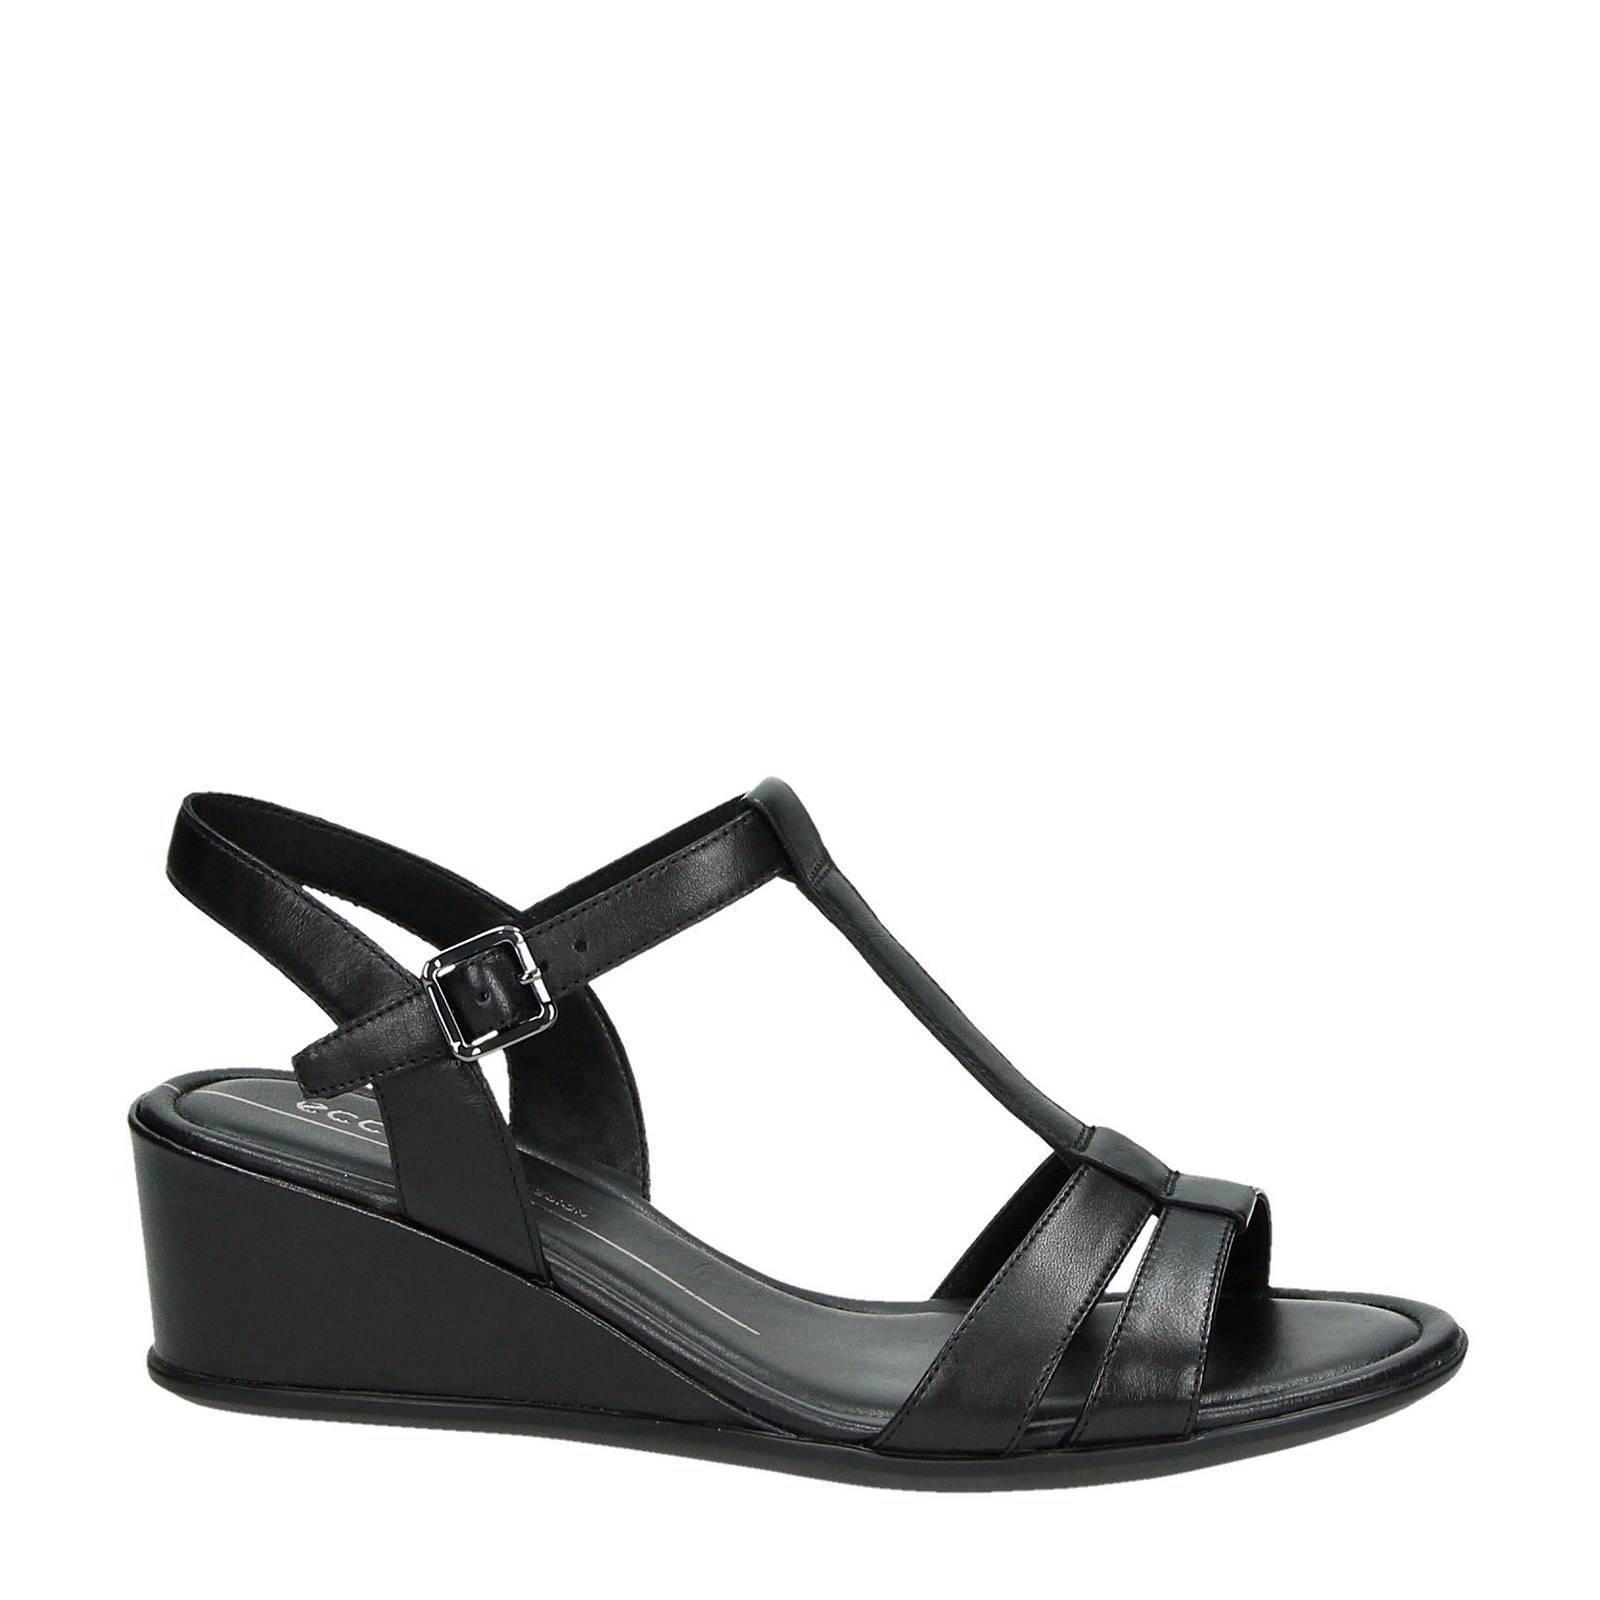 leren sandalettes Shape 35 Wedge zwart